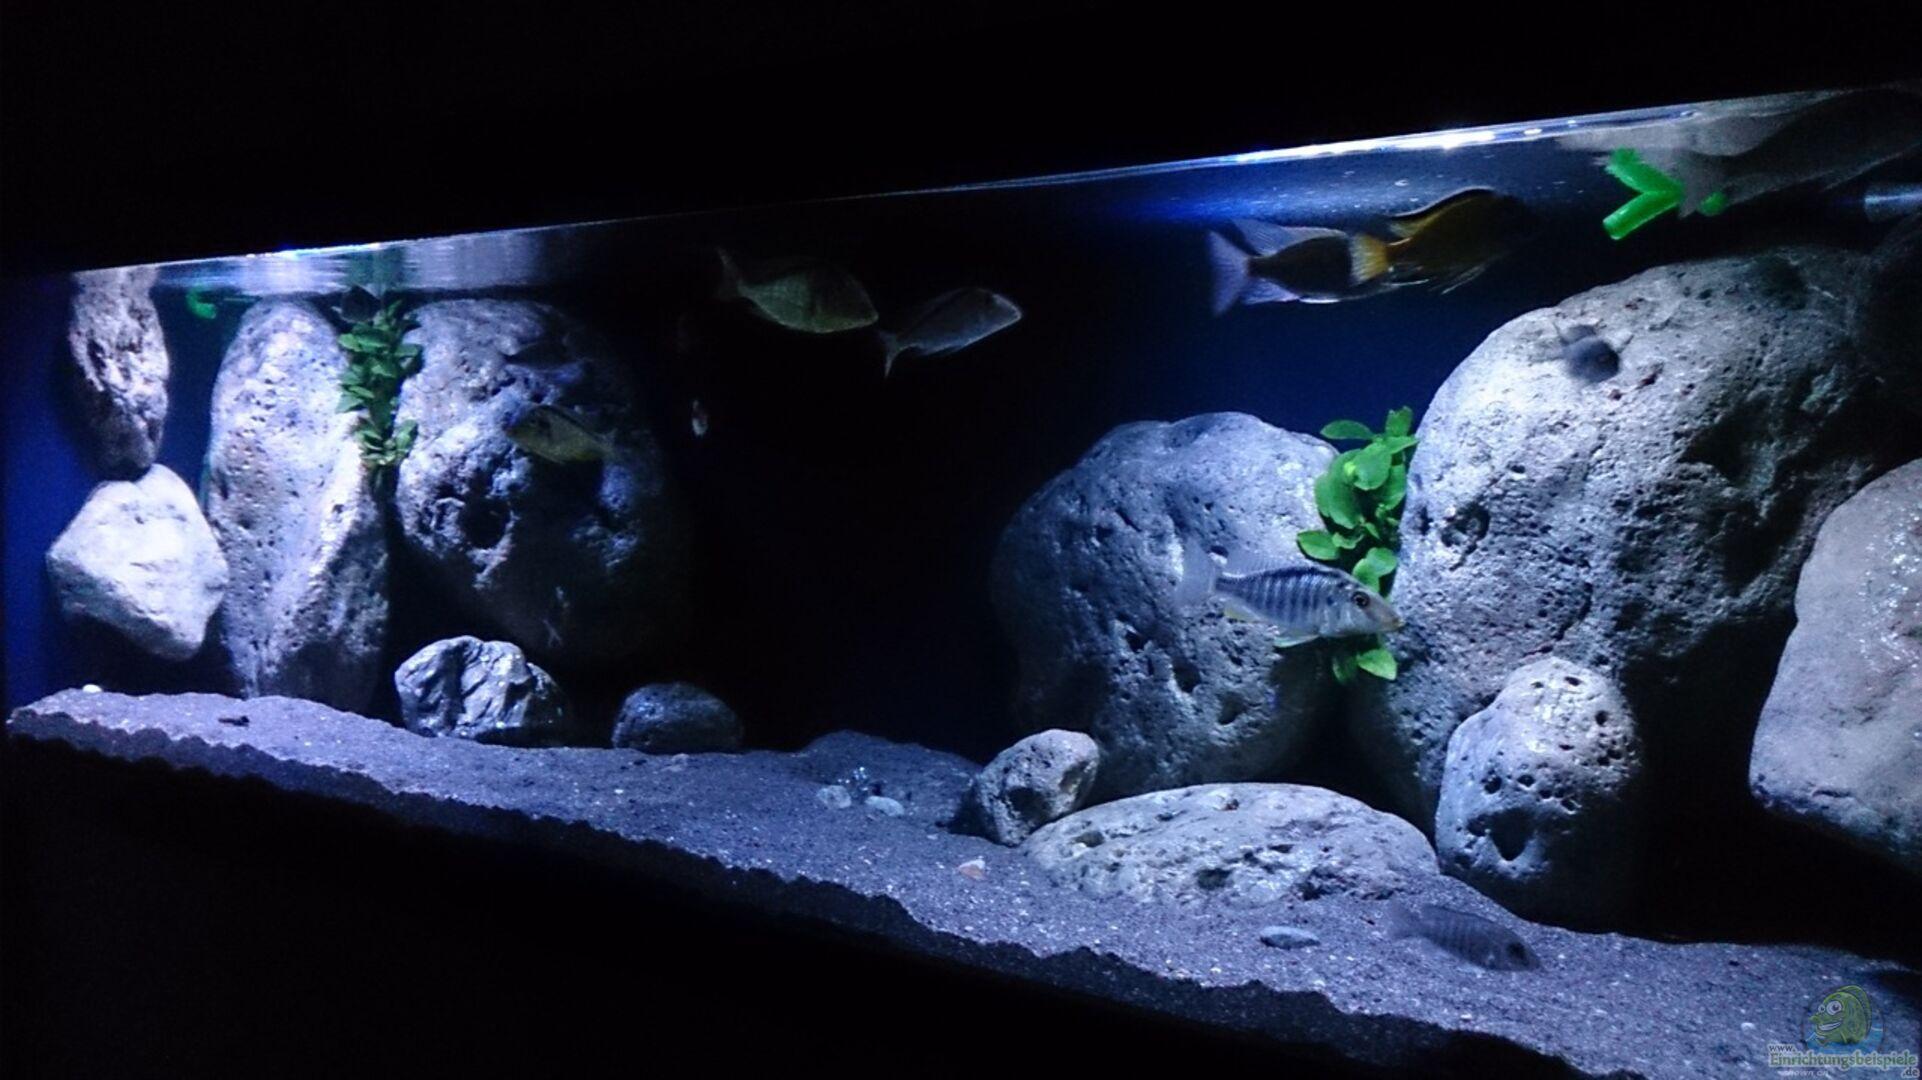 schwarzer sand malawi vorstellung meines neuen 300 liter malawibecken aquarium forum schwarzer. Black Bedroom Furniture Sets. Home Design Ideas